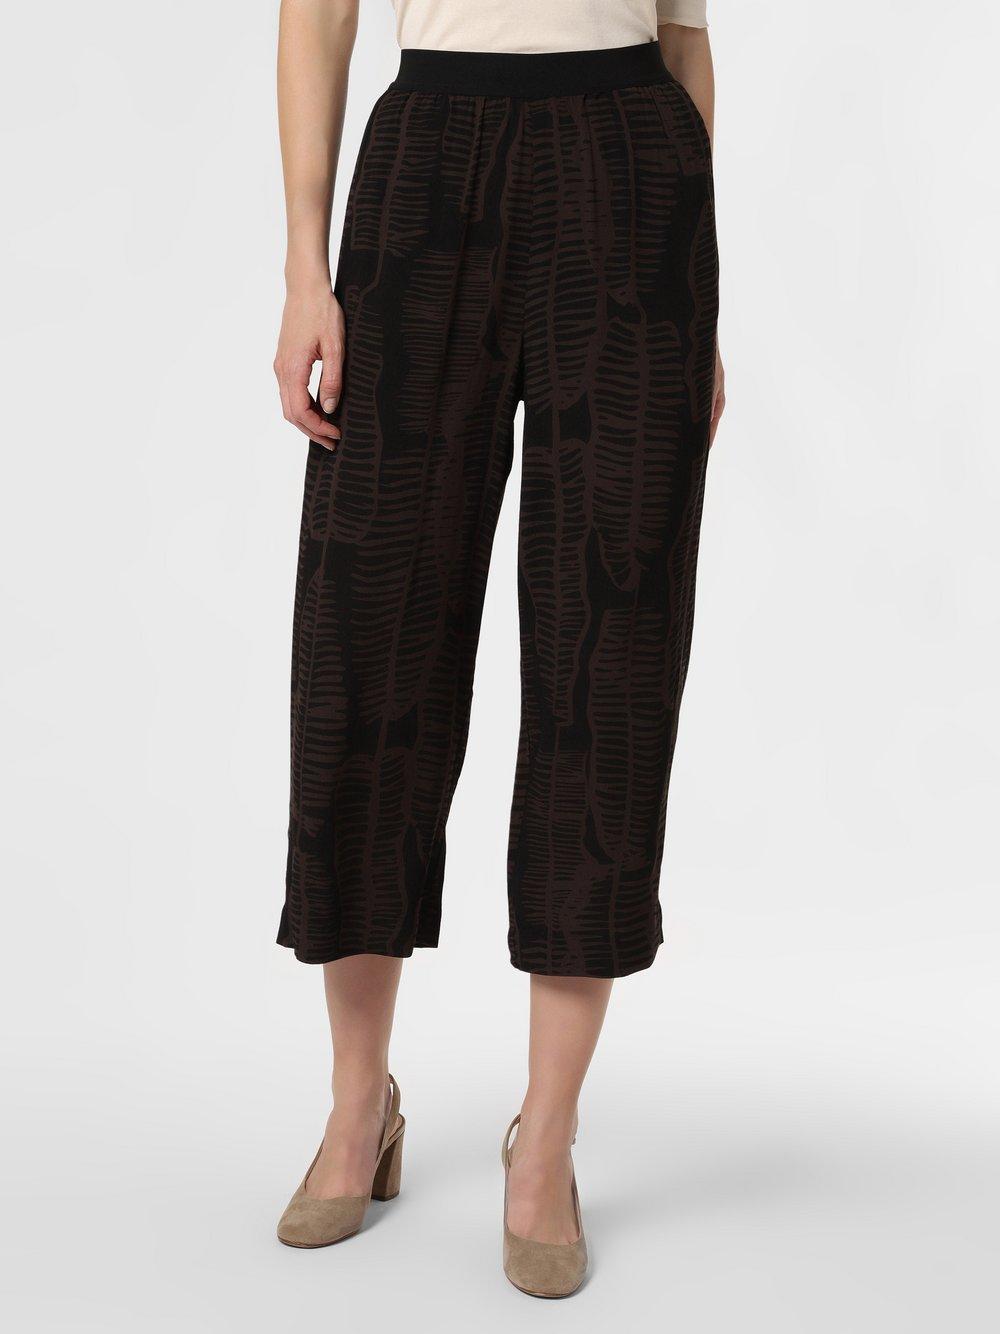 Someday - Spodnie damskie – Cholena, czarny